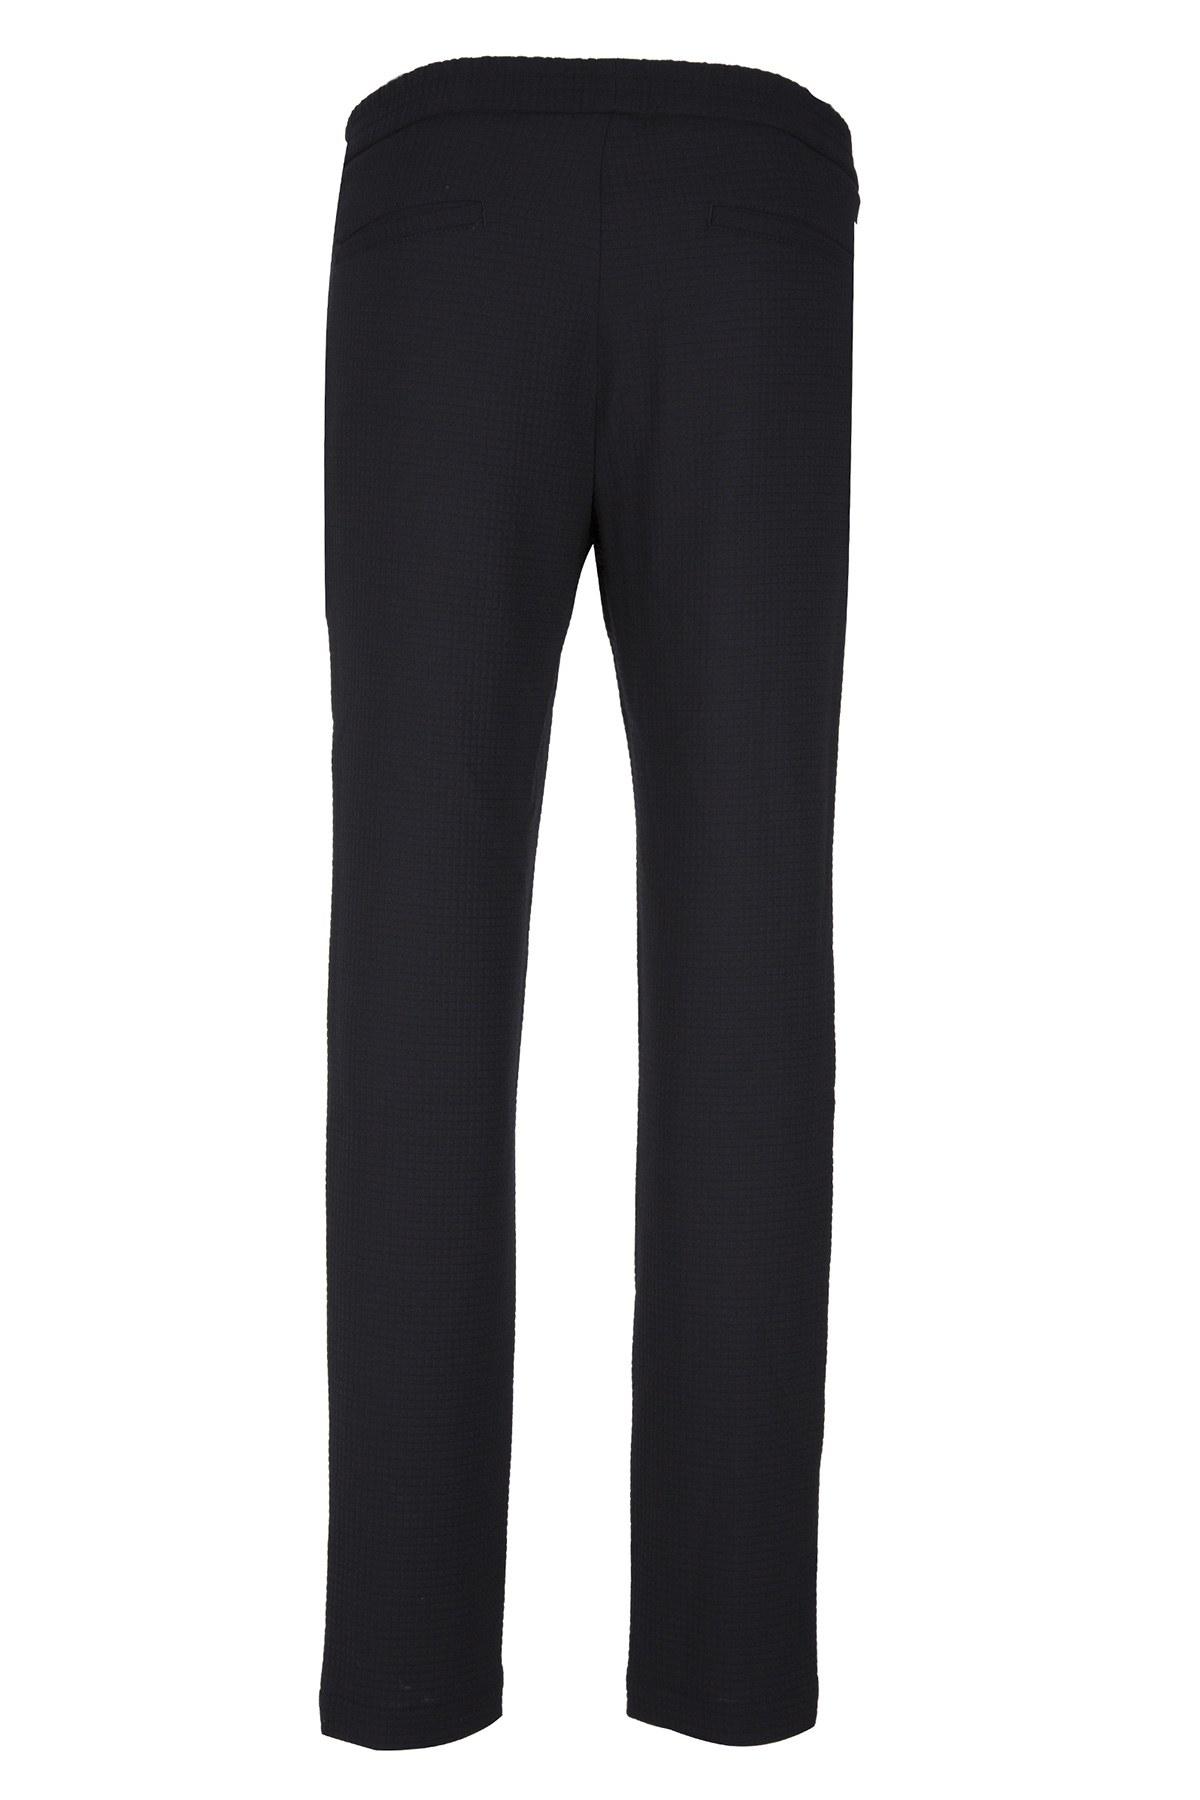 EMPORIO ARMANI Erkek Pantolon W1P250 W1228 SİYAH